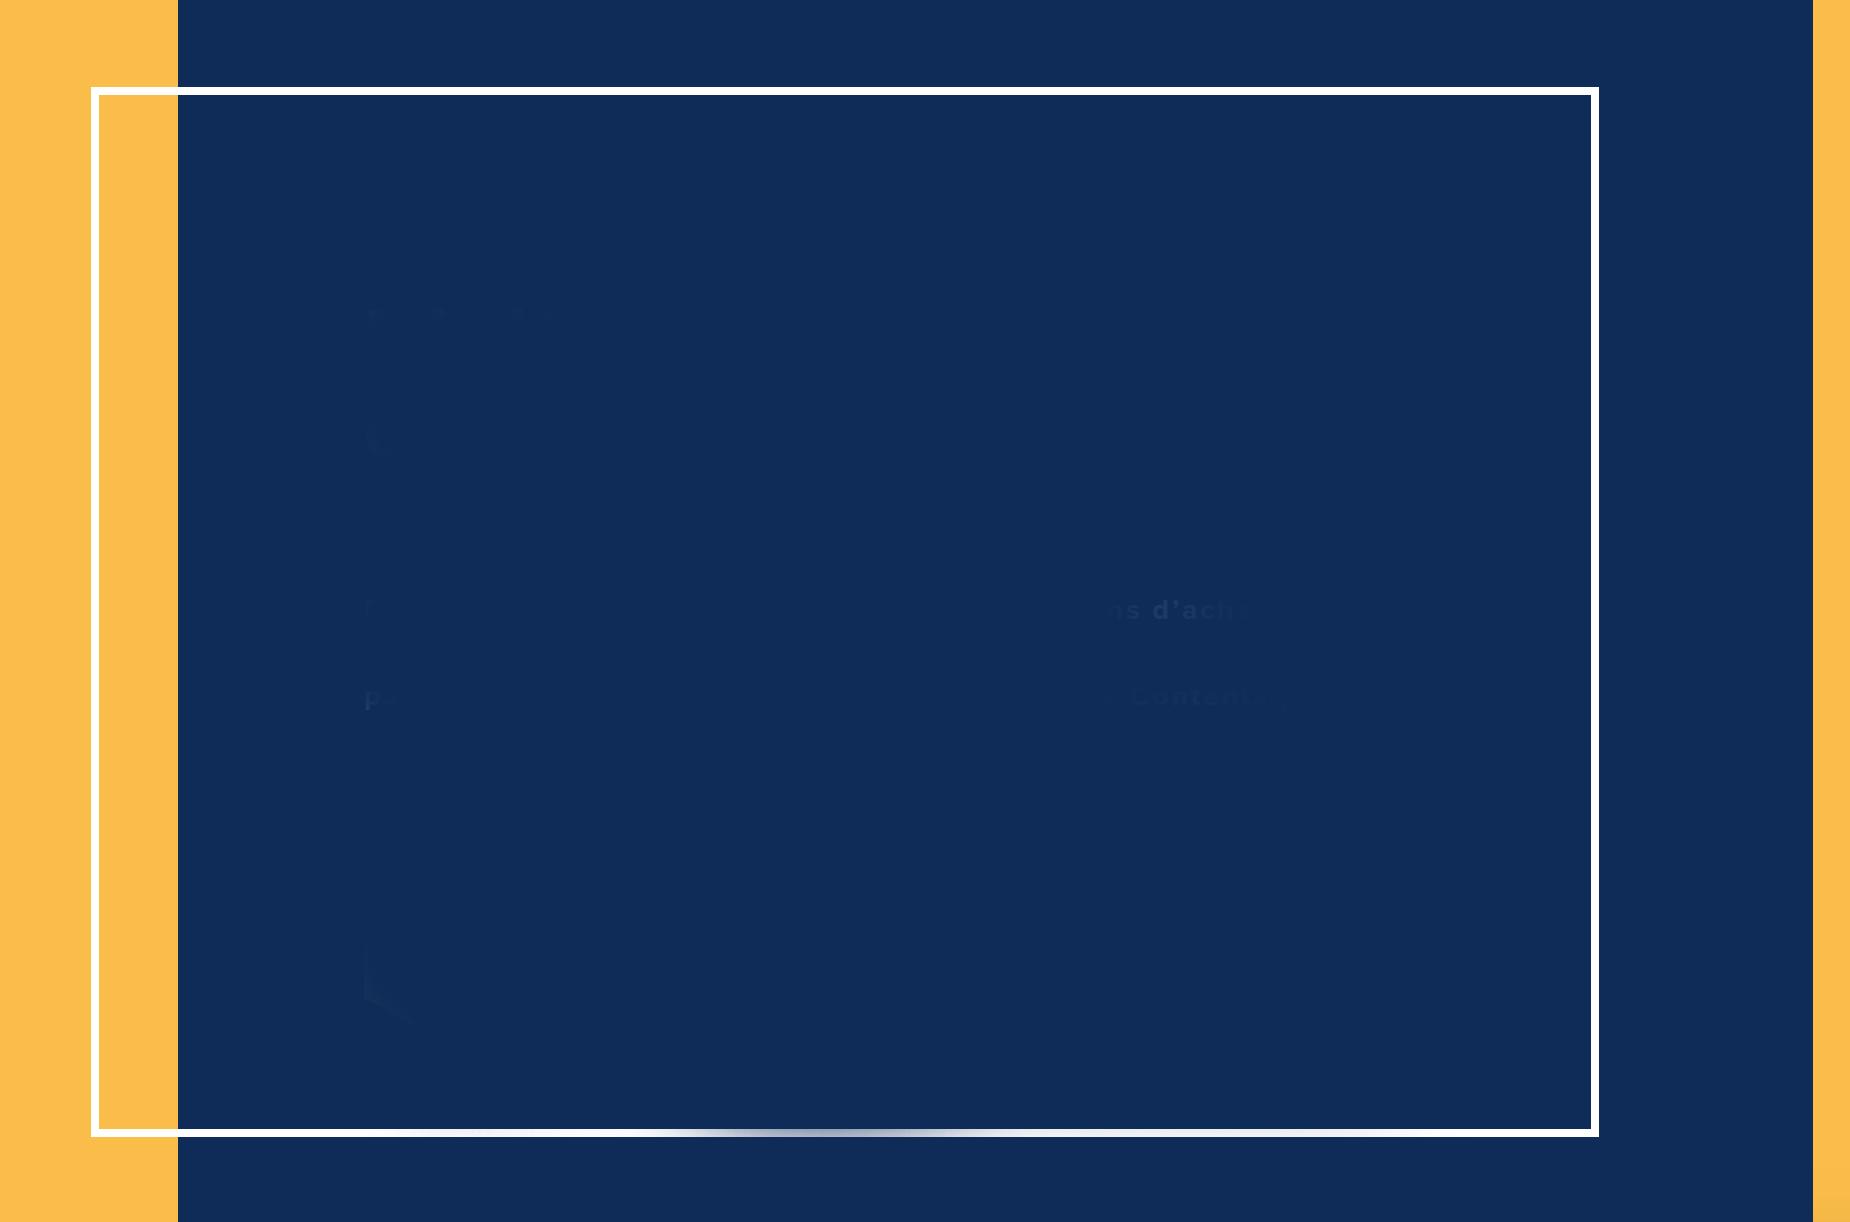 Capture d'écran 2019-11-14 à 14.51.19-1